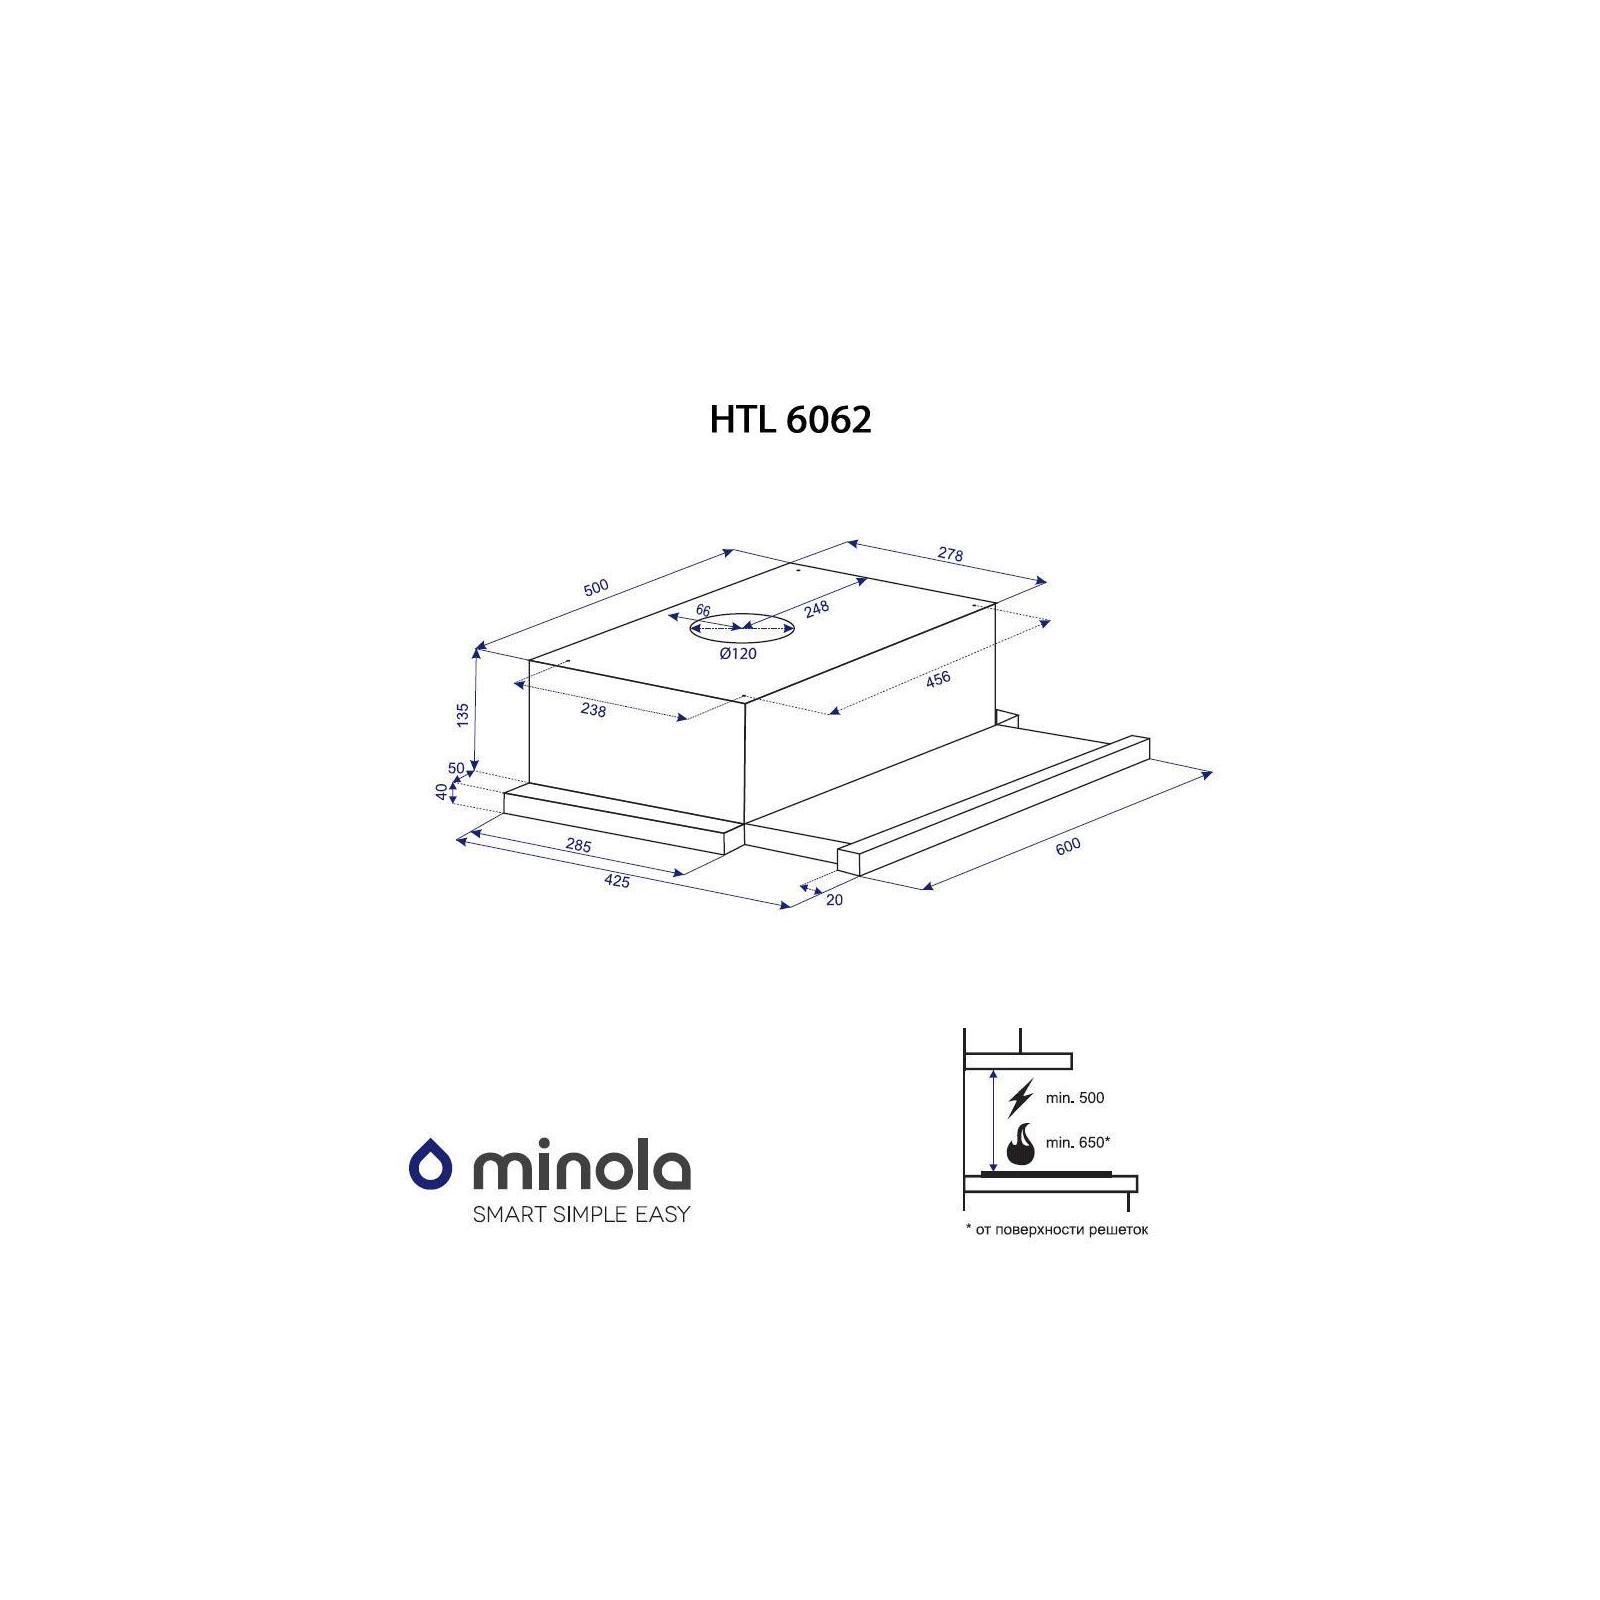 Вытяжка кухонная MINOLA HTL 6062 I/BL GLASS 450 LED изображение 10